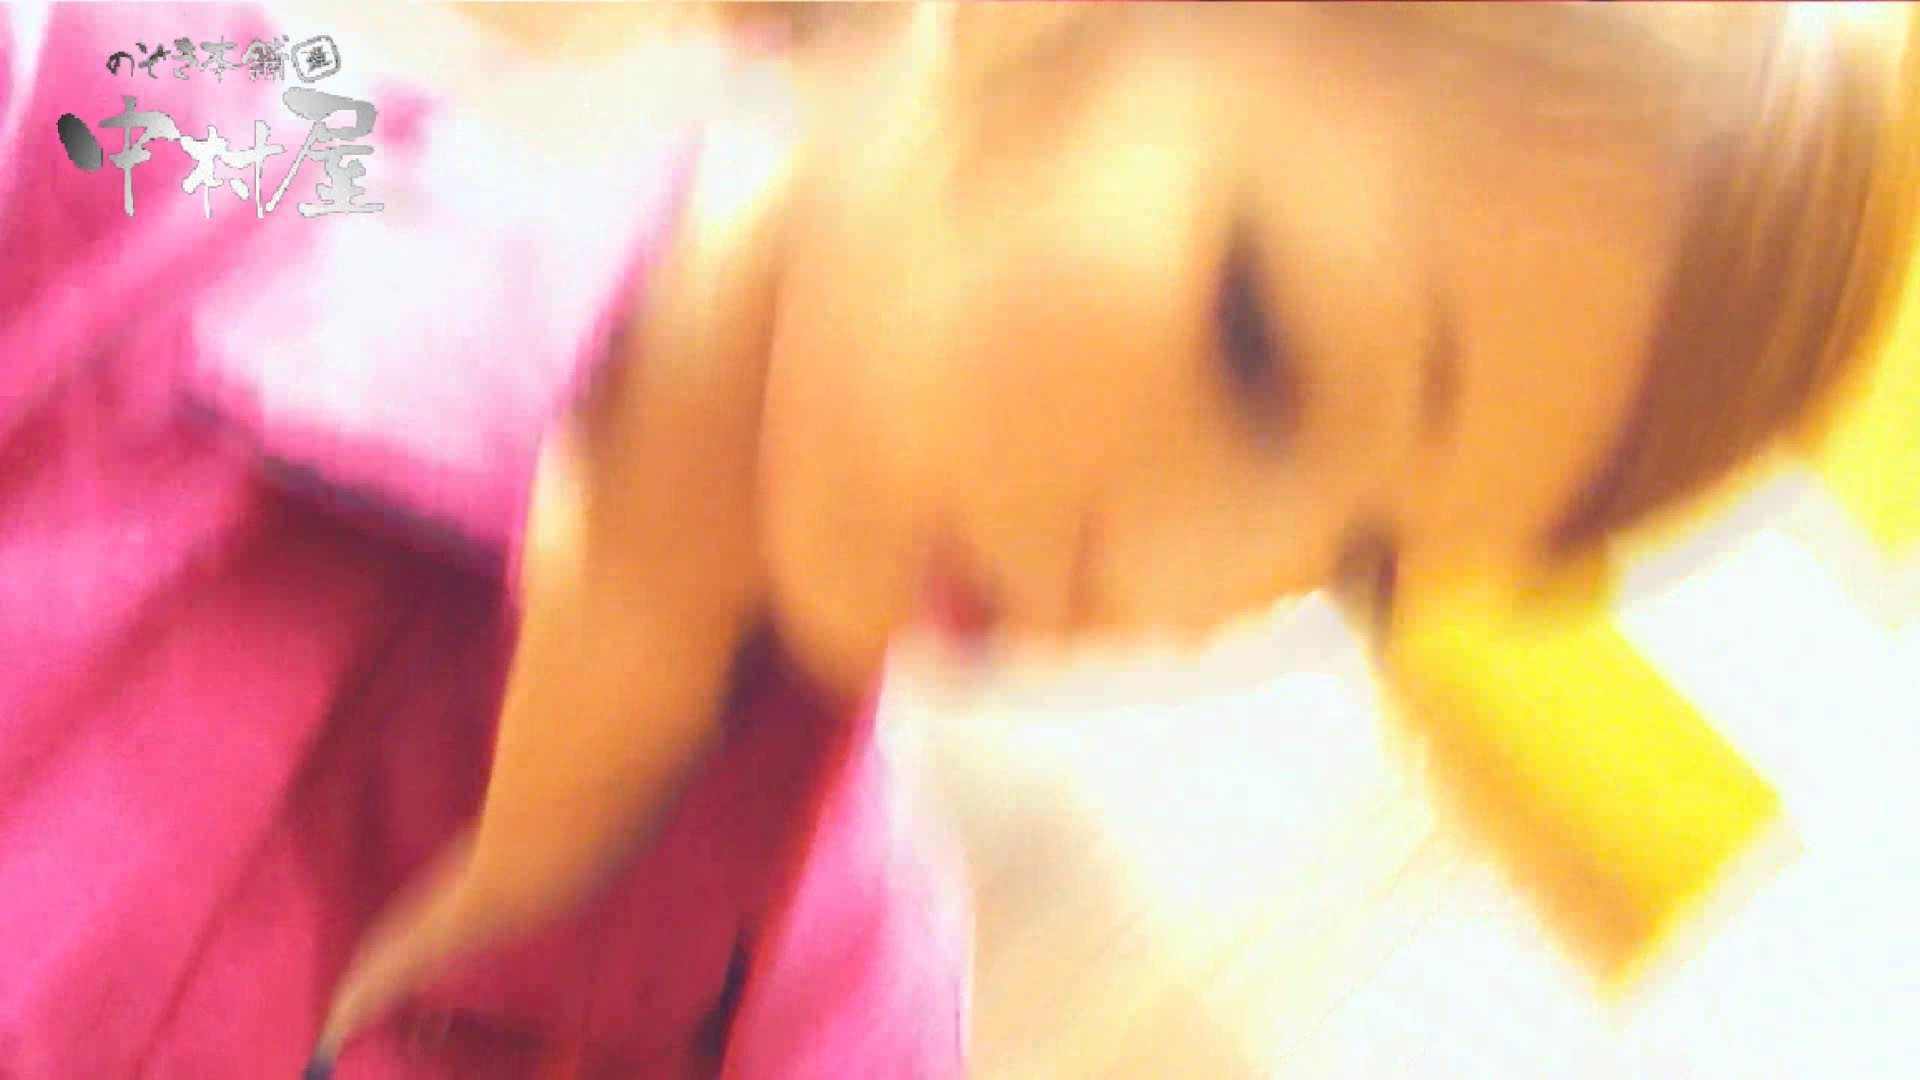 vol.48可愛いカリスマ店員胸チラ&パンチラ アニメ声の店員さん OLのエロ生活  96連発 50